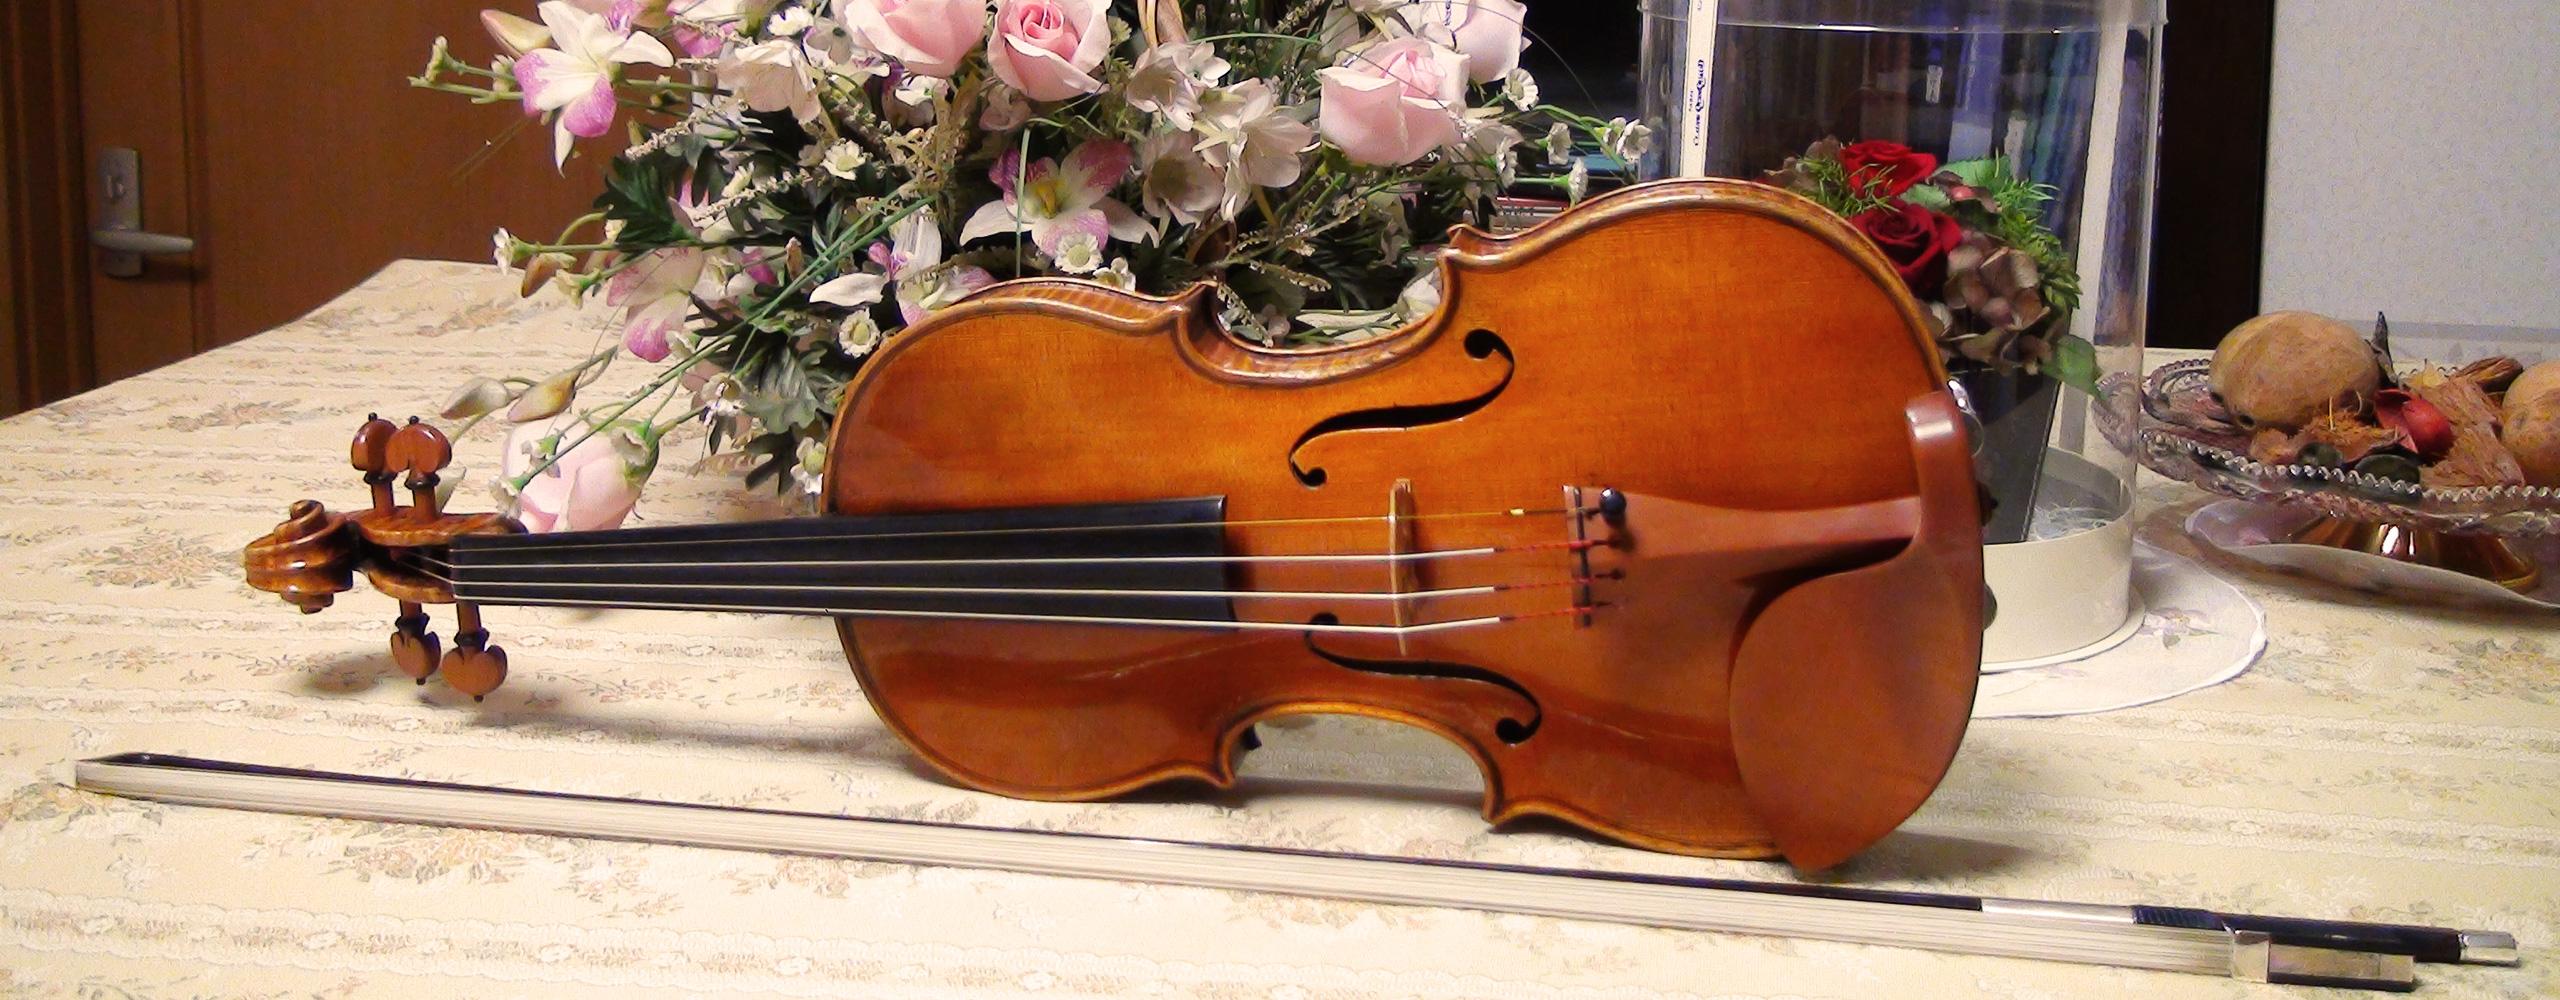 茨城県龍ヶ崎市にあるヴァイオリン教室です。指導者は山中尚美。